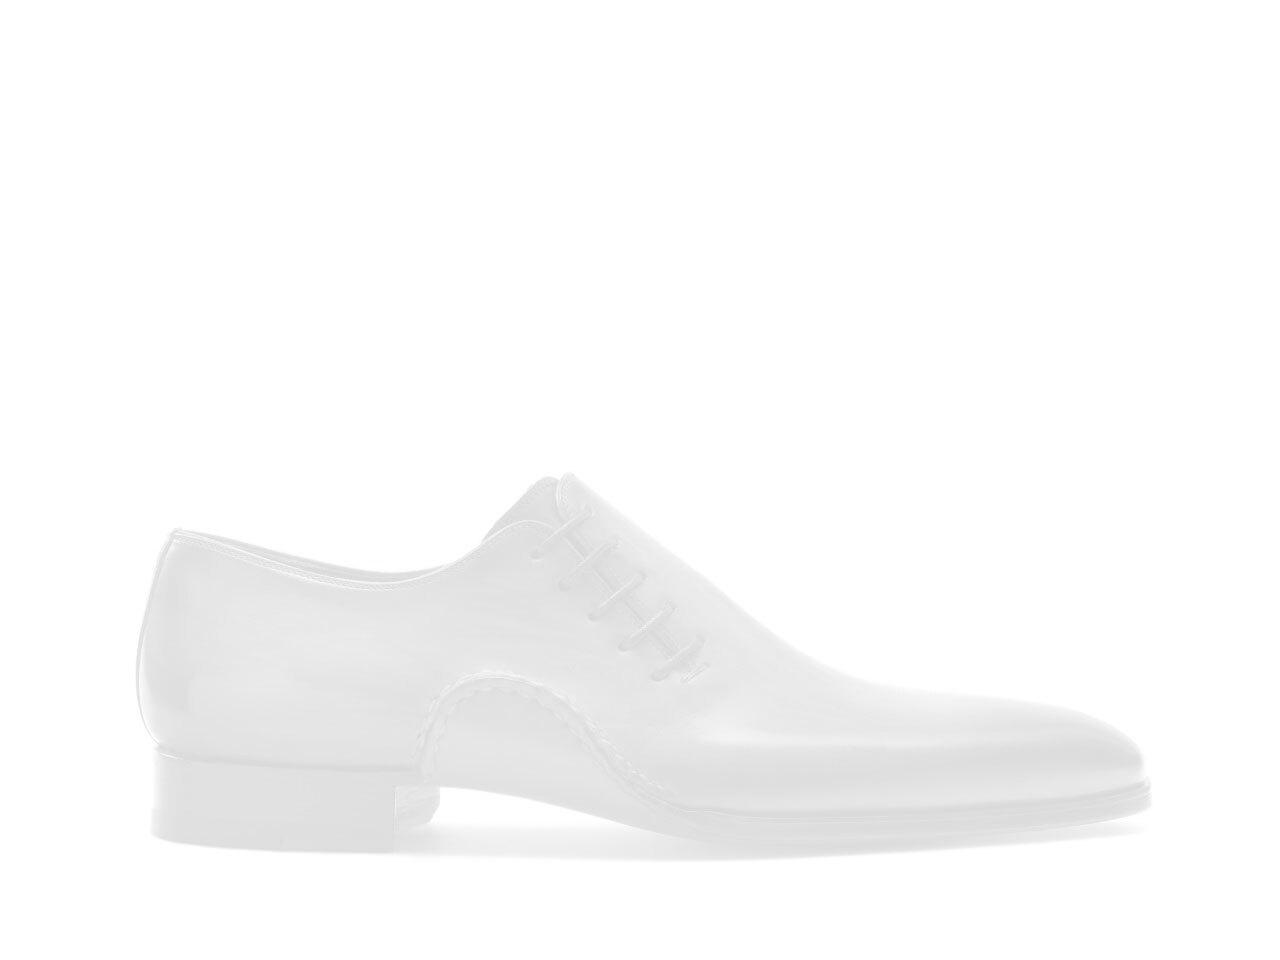 Side view of the Magnanni Laroya Cognac Men's Double Monk Strap Shoes